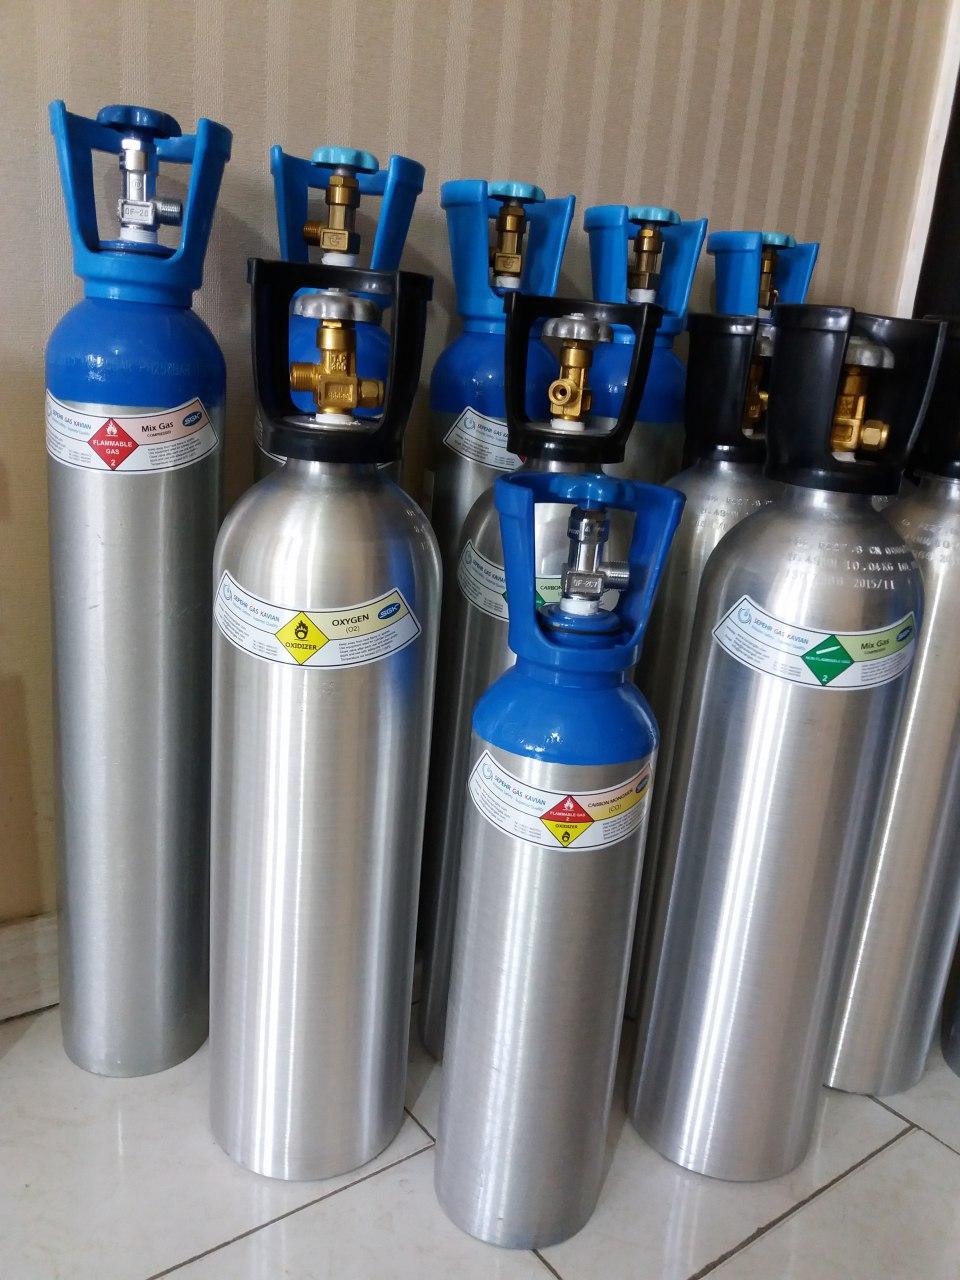 خرید گاز بوتان، سپهرگازکاویان، فروش کپسول گاز بوتان